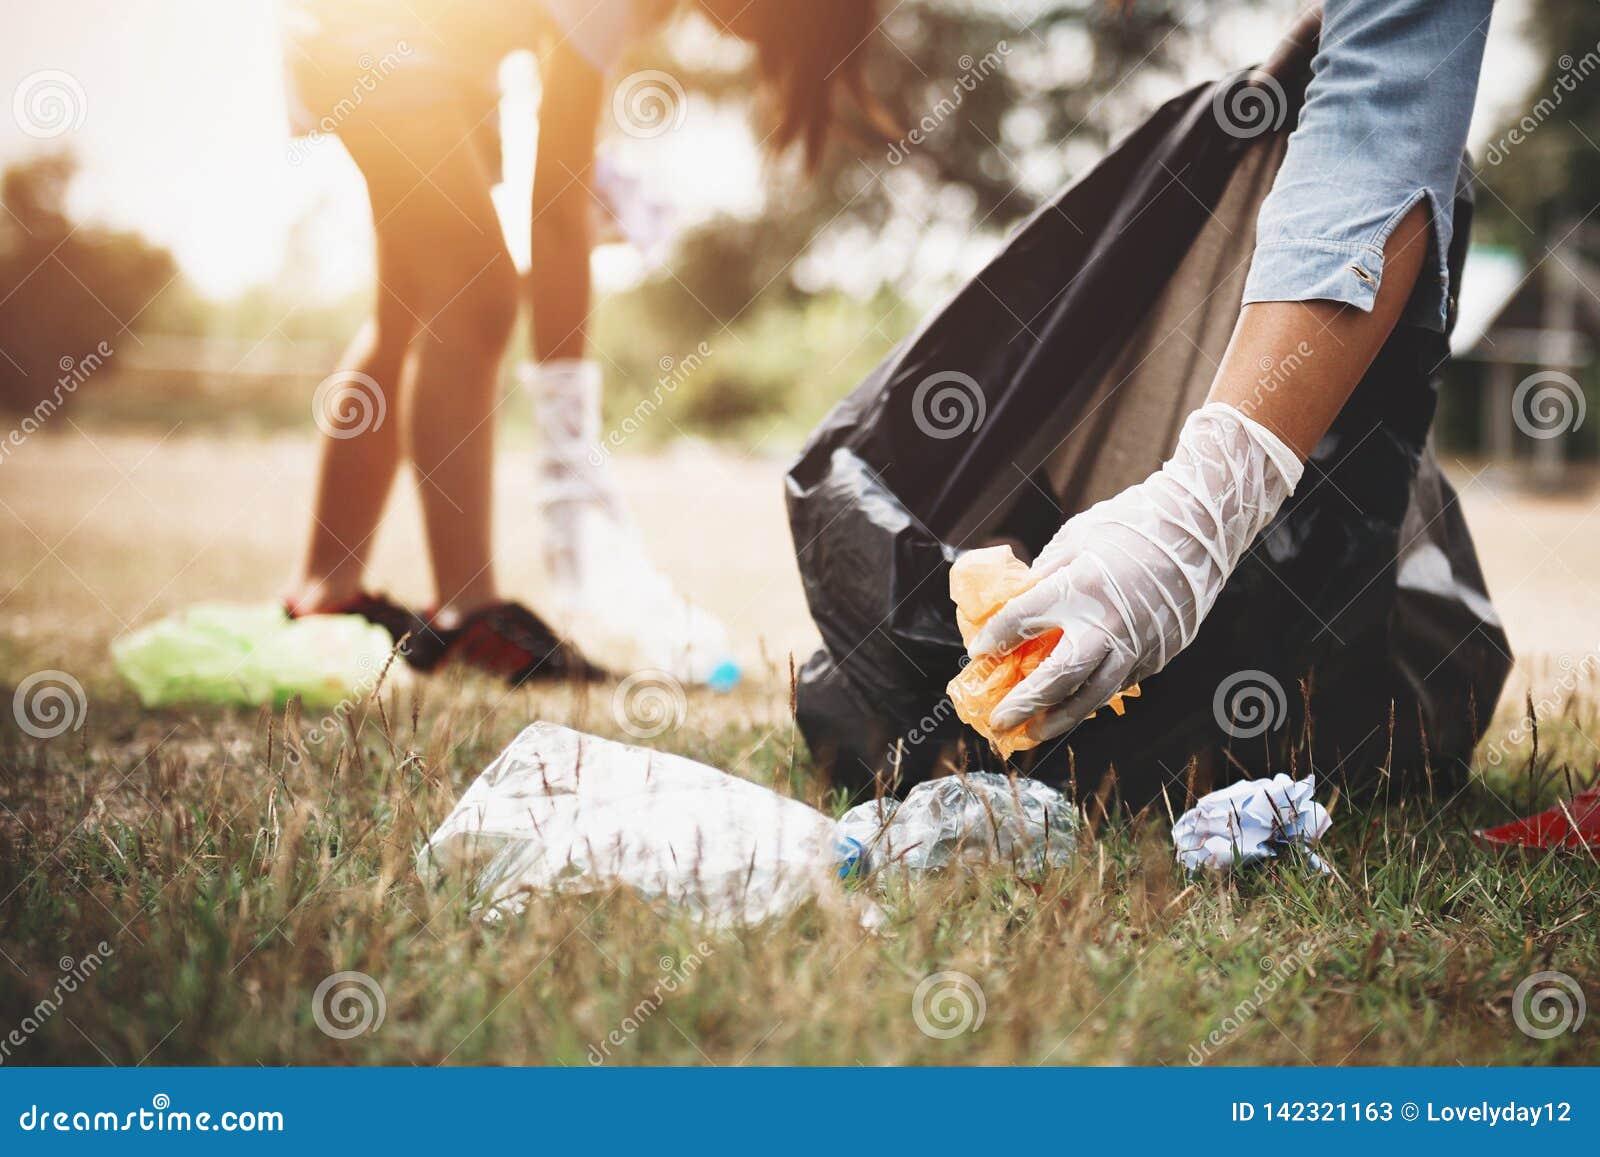 Mano de la mujer que coge el plástico de la basura para limpiar